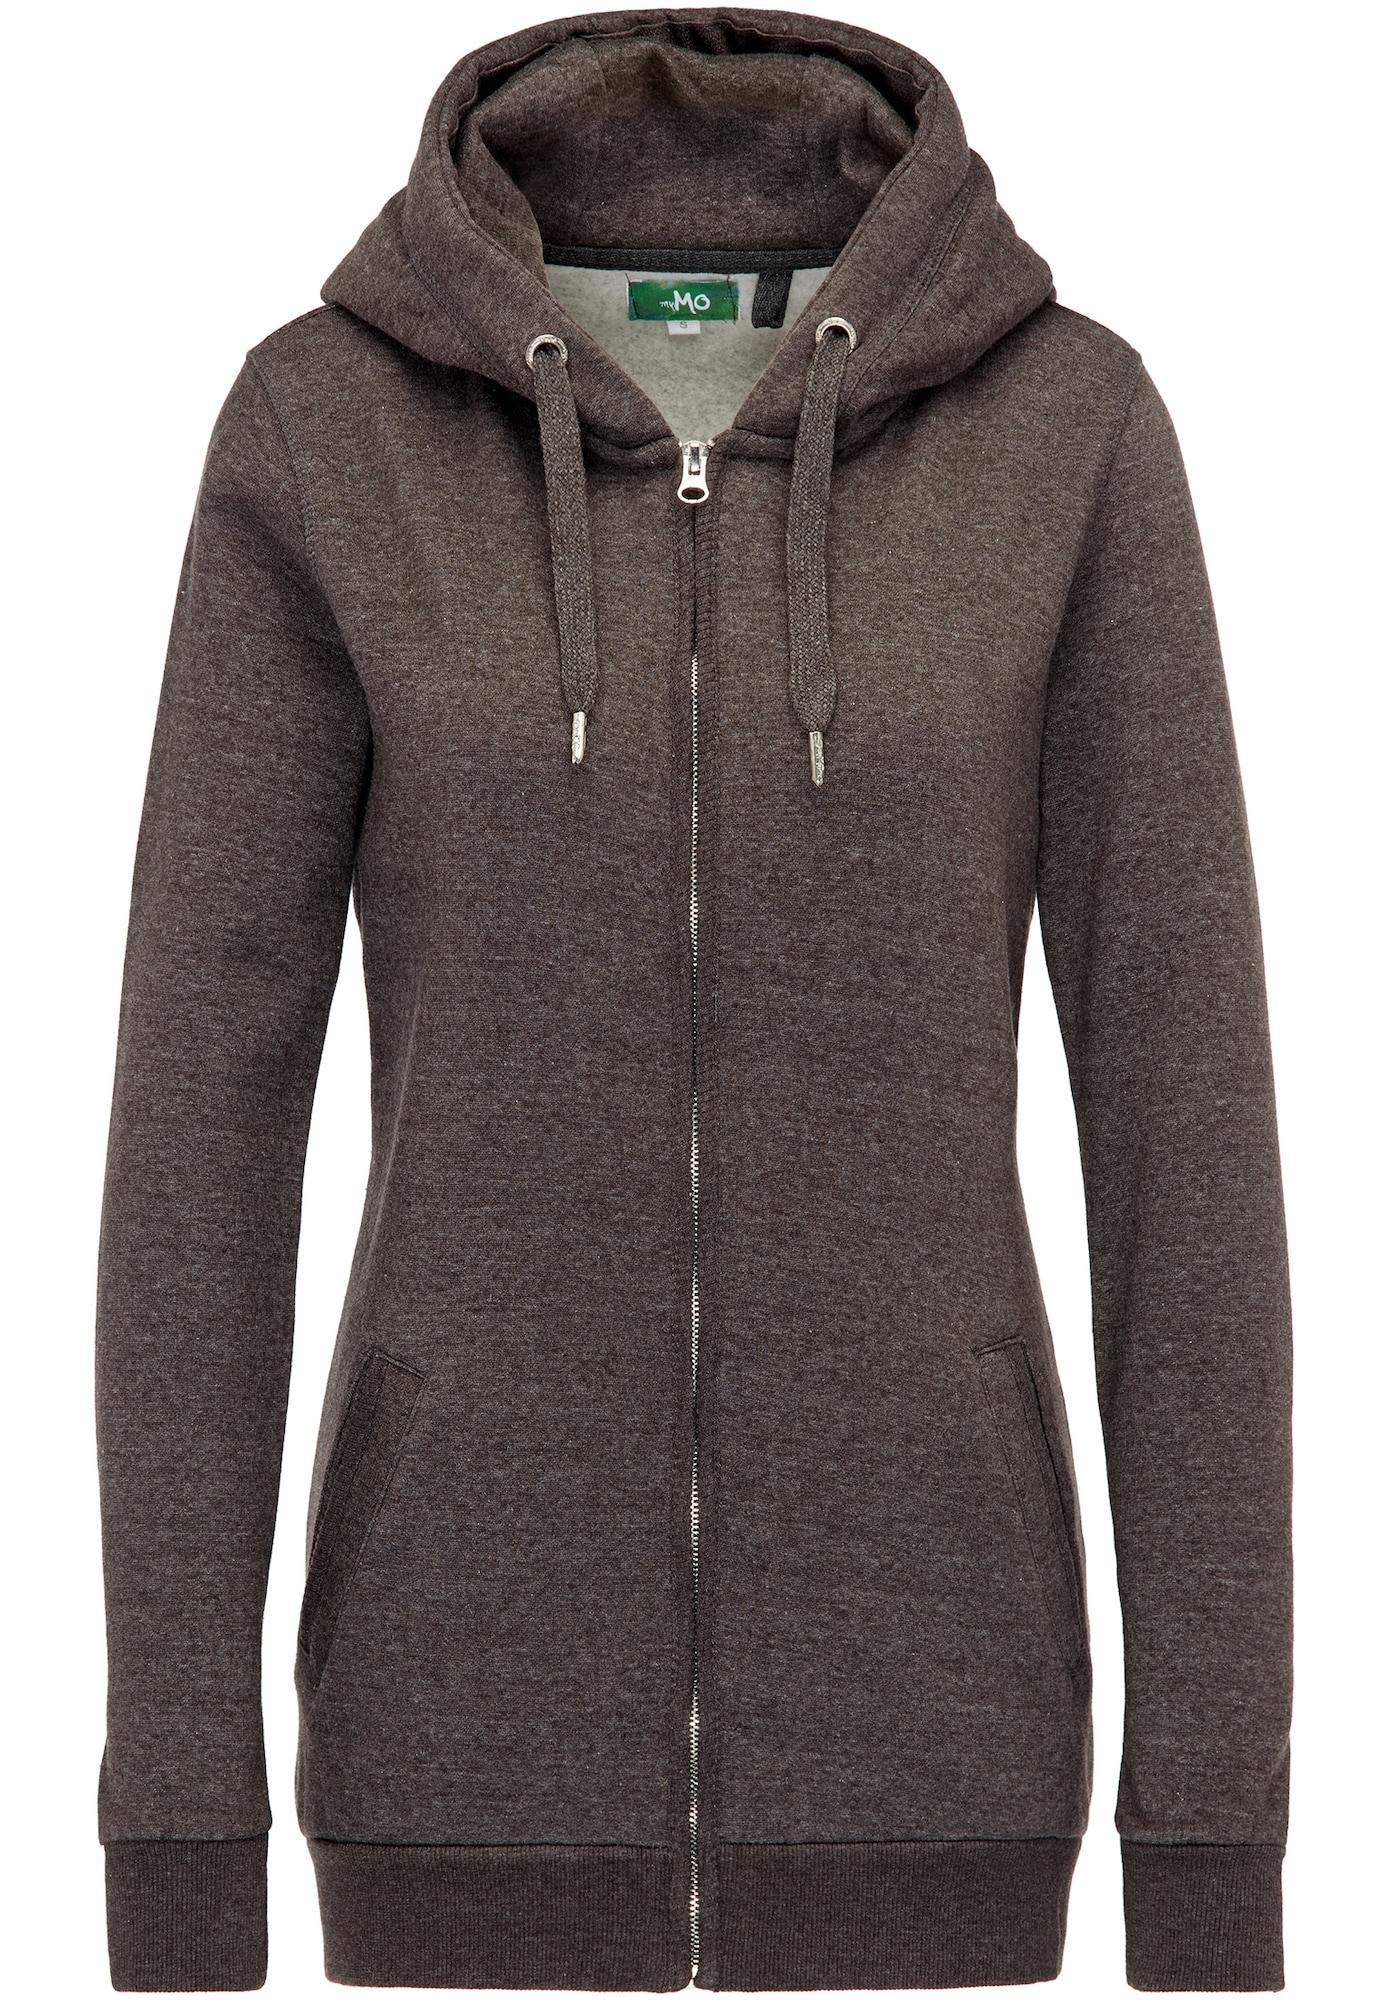 Sweatjacke | Bekleidung > Sweatshirts & -jacken > Sweatjacken | Anthrazit | MYMO